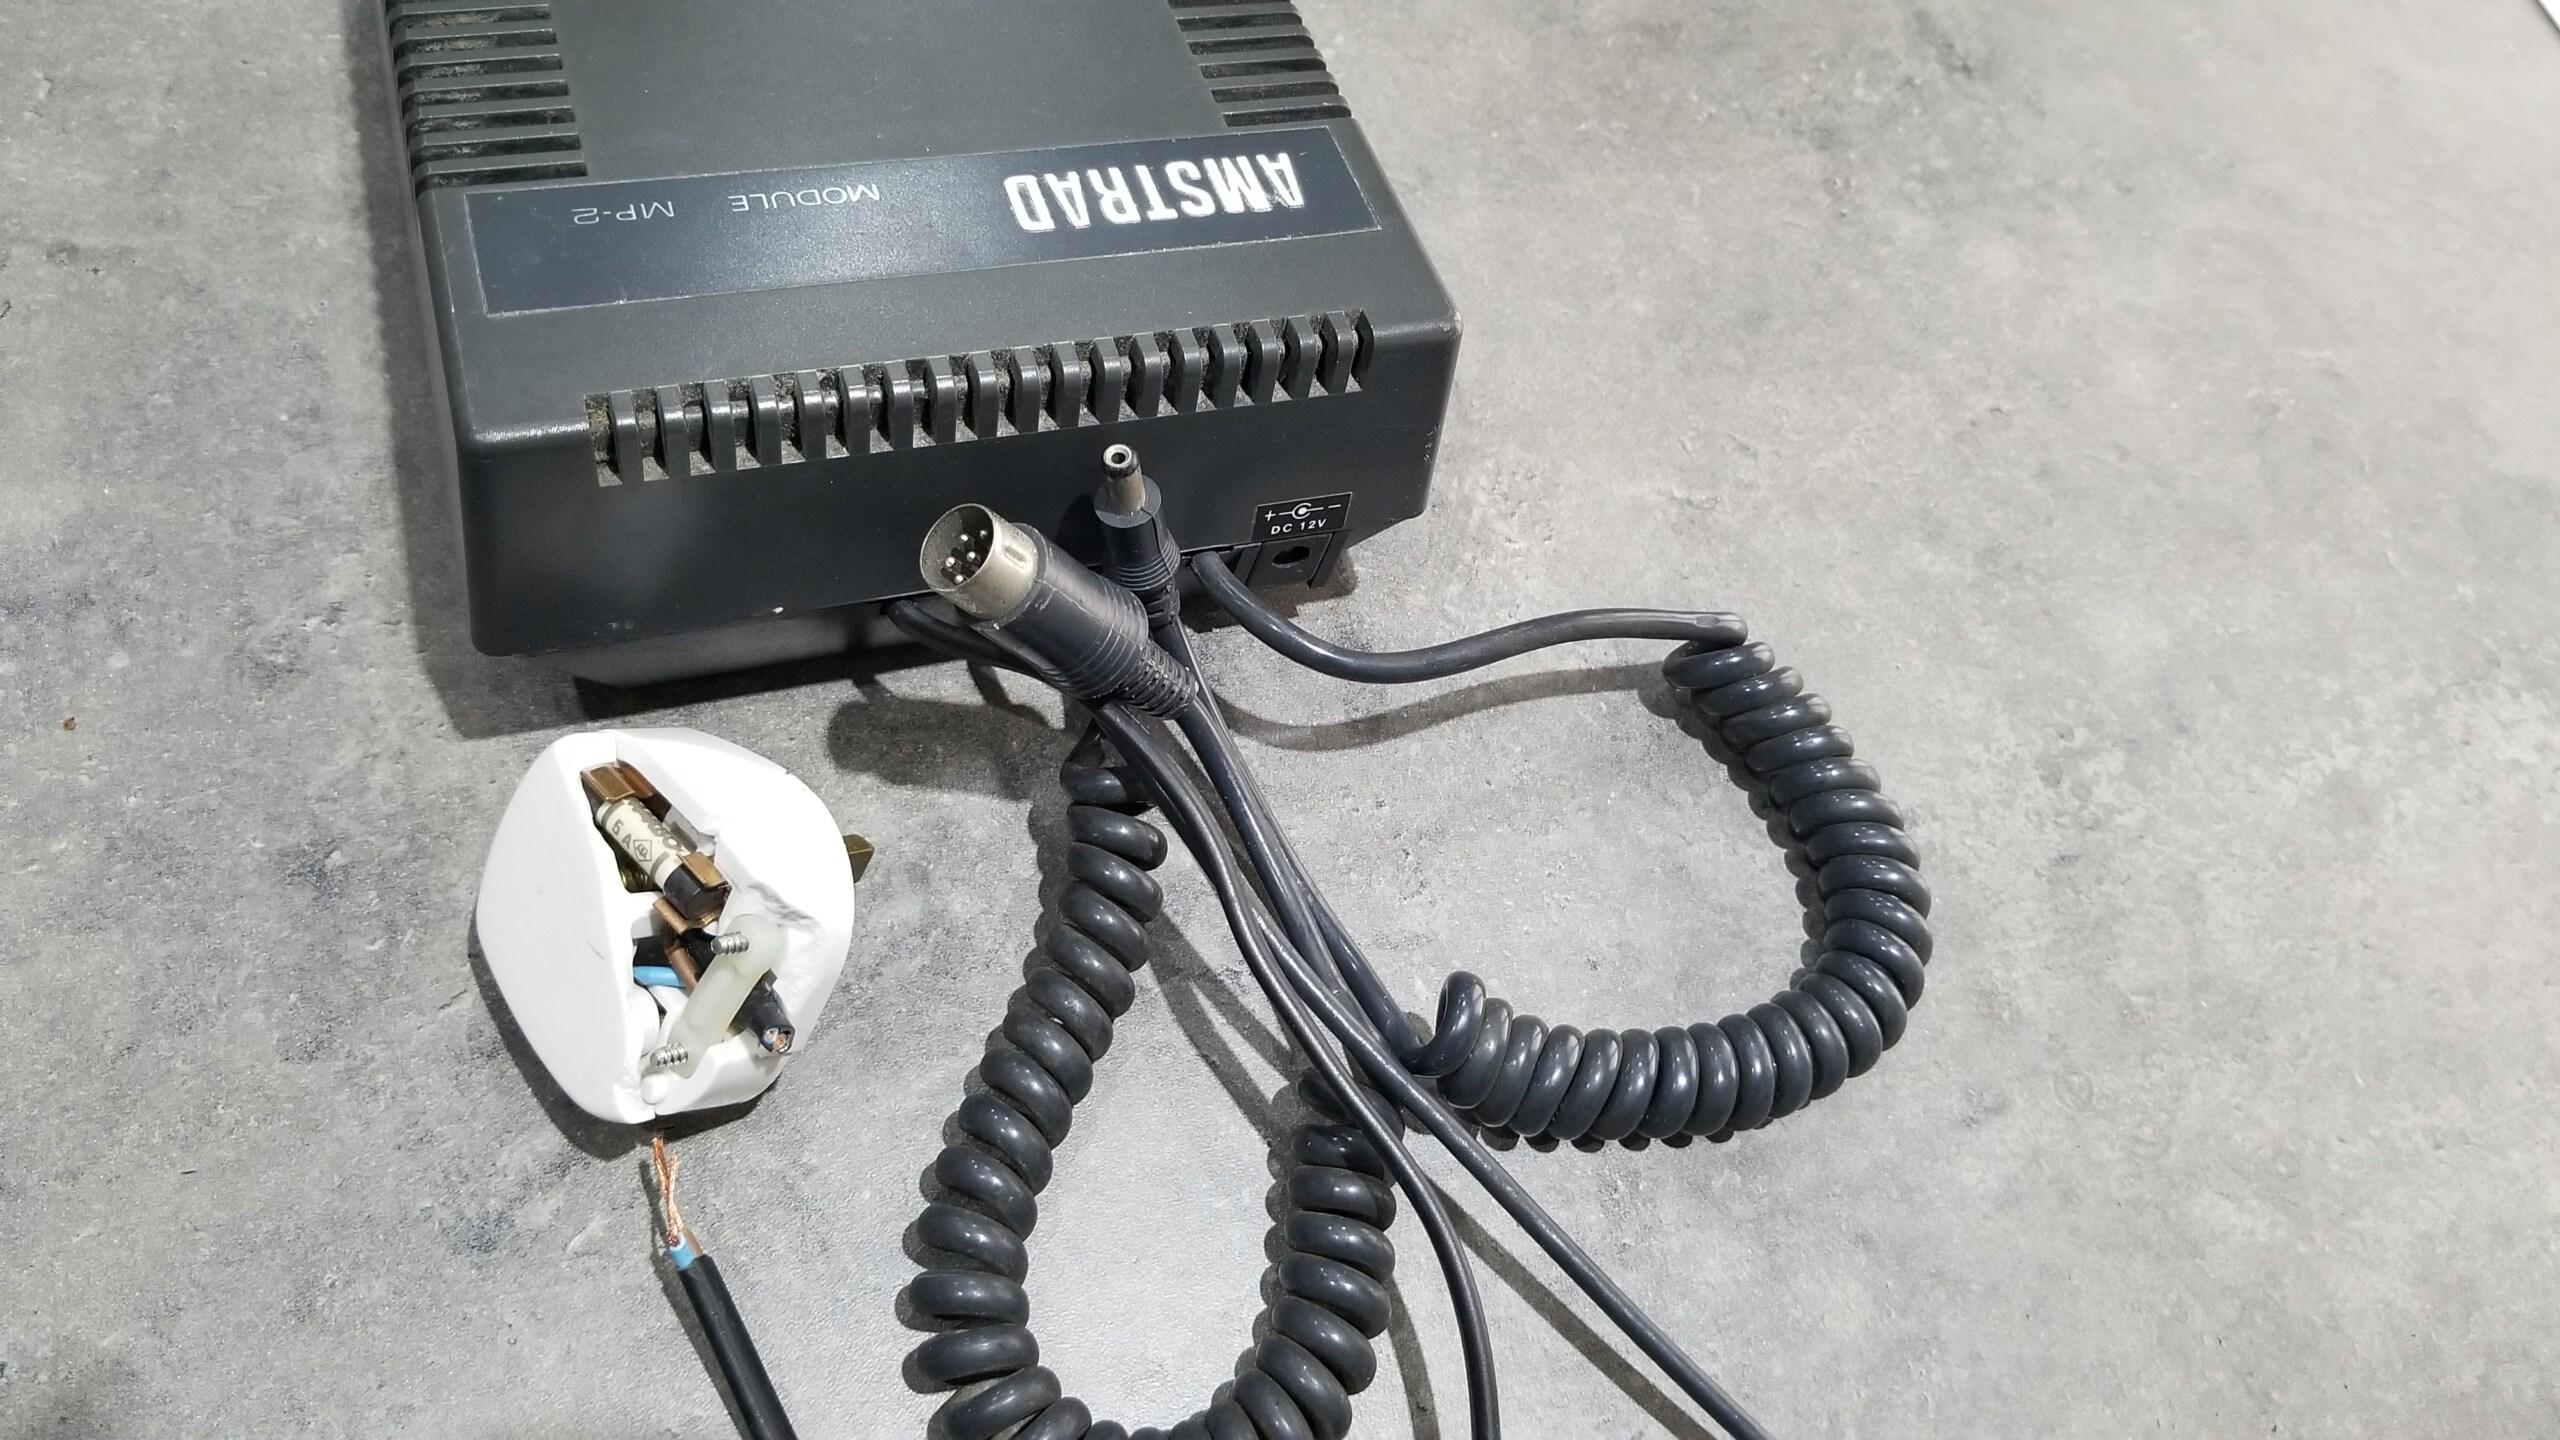 [VDS] Moniteur Amstrad CTM 644, Tuner MP-3 20201210